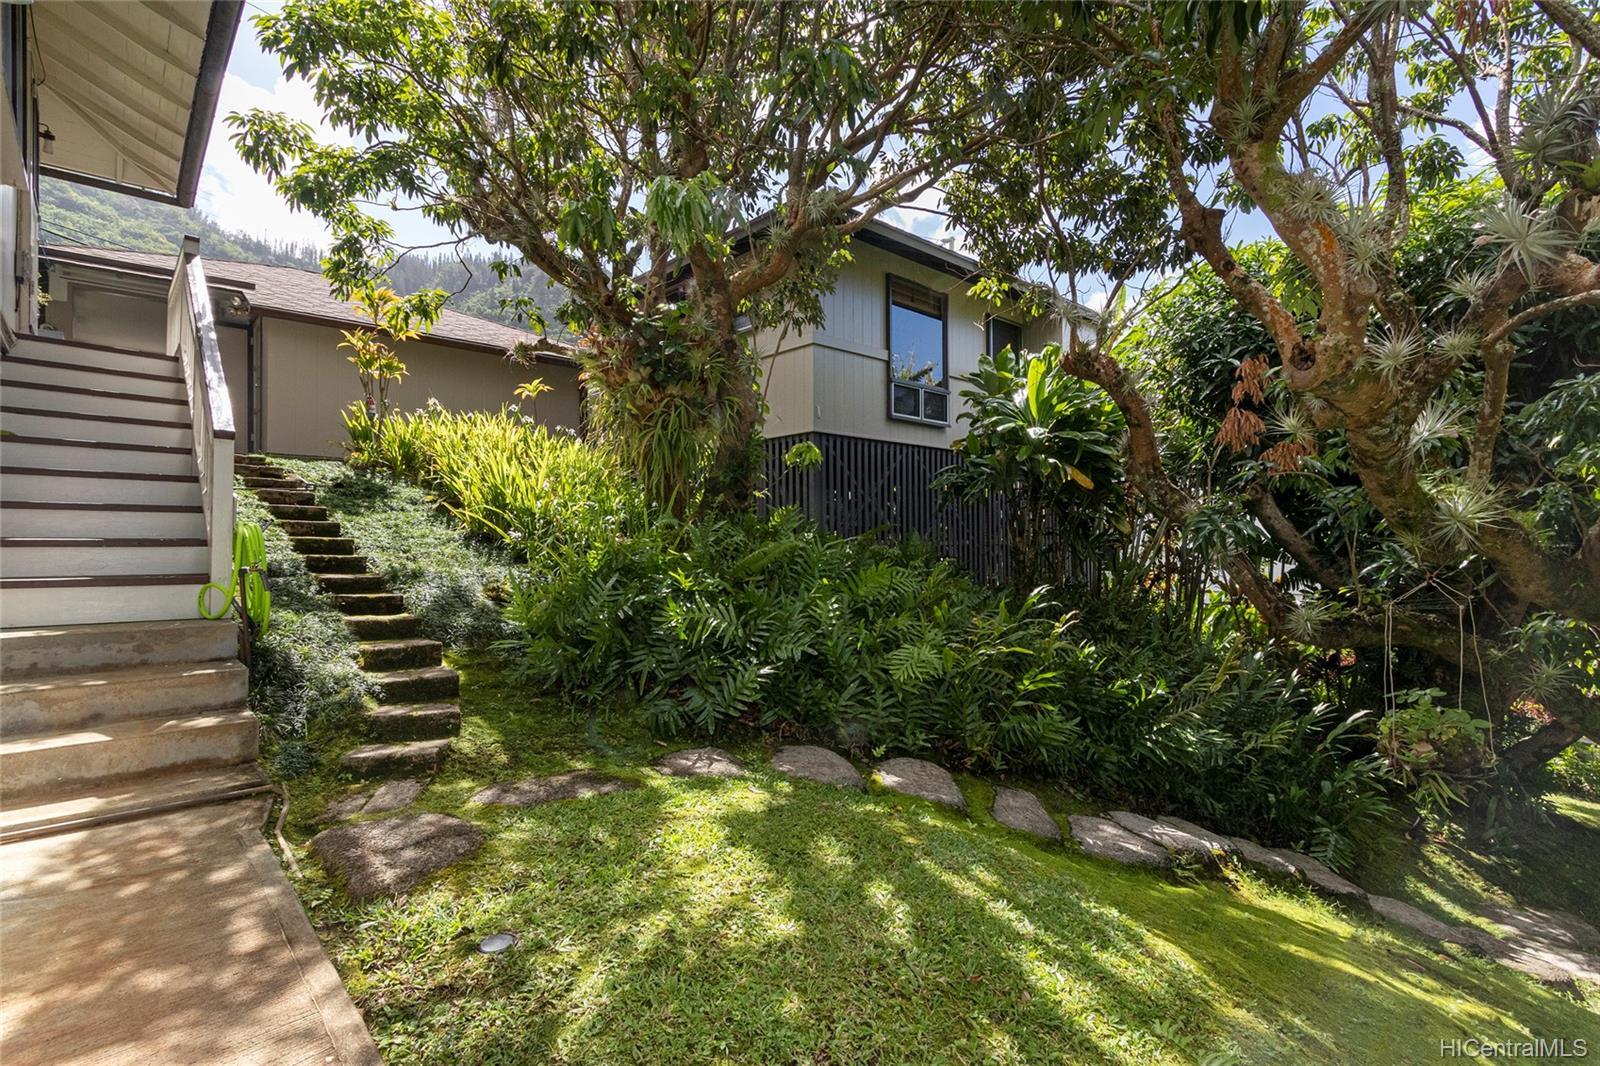 3212  Woodlawn Drive Manoa-woodlawn, Honolulu home - photo 13 of 25